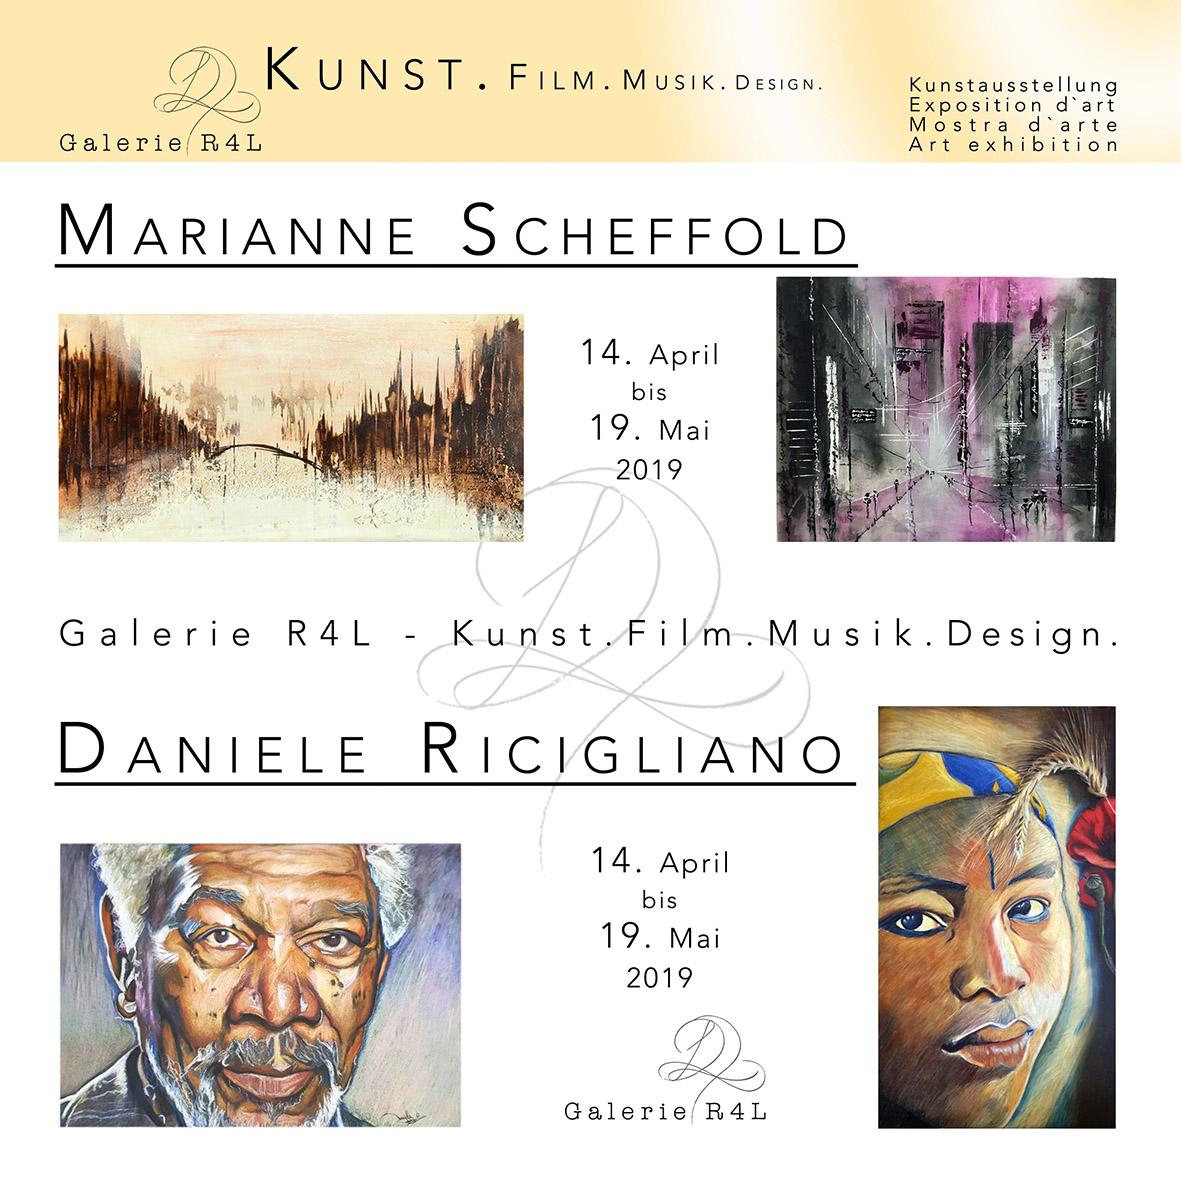 Kunstausstellung Marianne Scheffold & Daniele Ricigliano